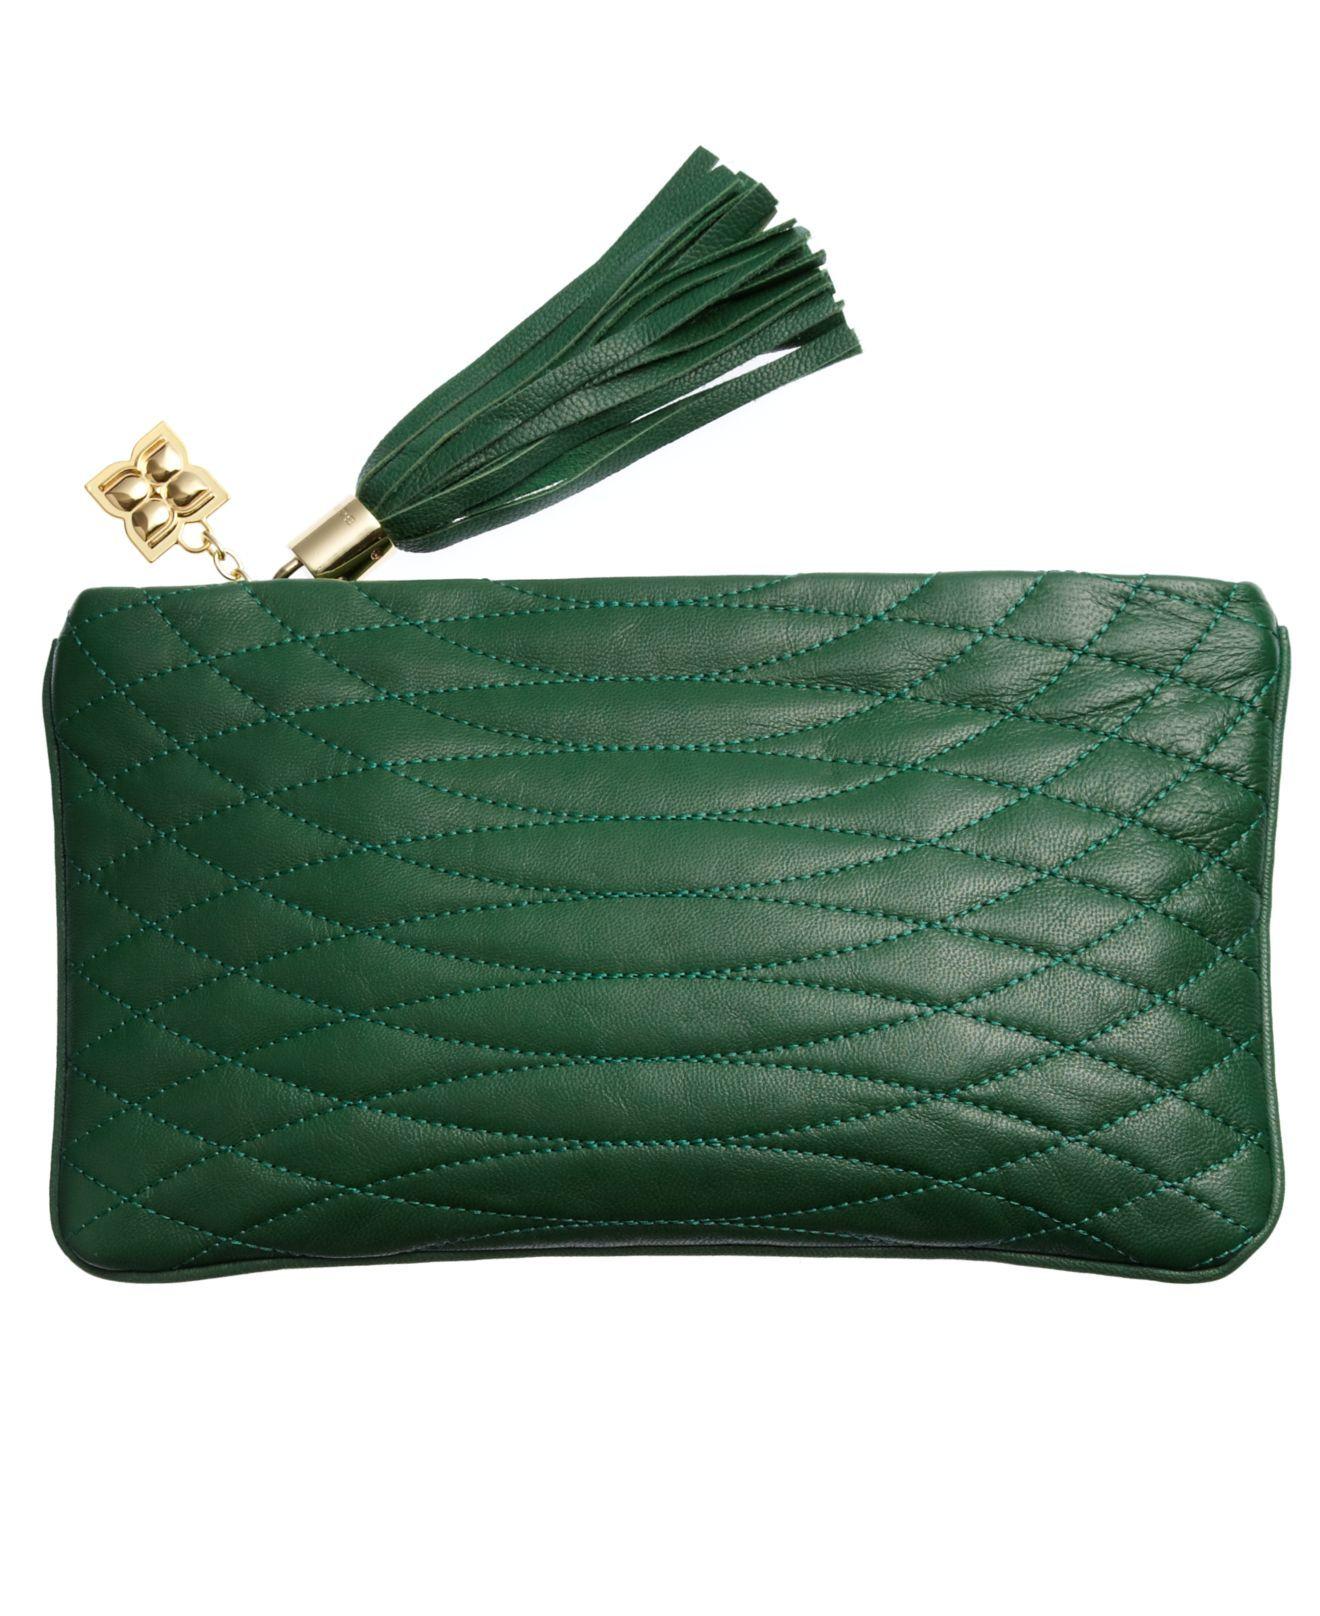 b062fc00edea Bcbgmaxazria Handbag Ana Quilted Clutch Bcbg Max Azria Handbags